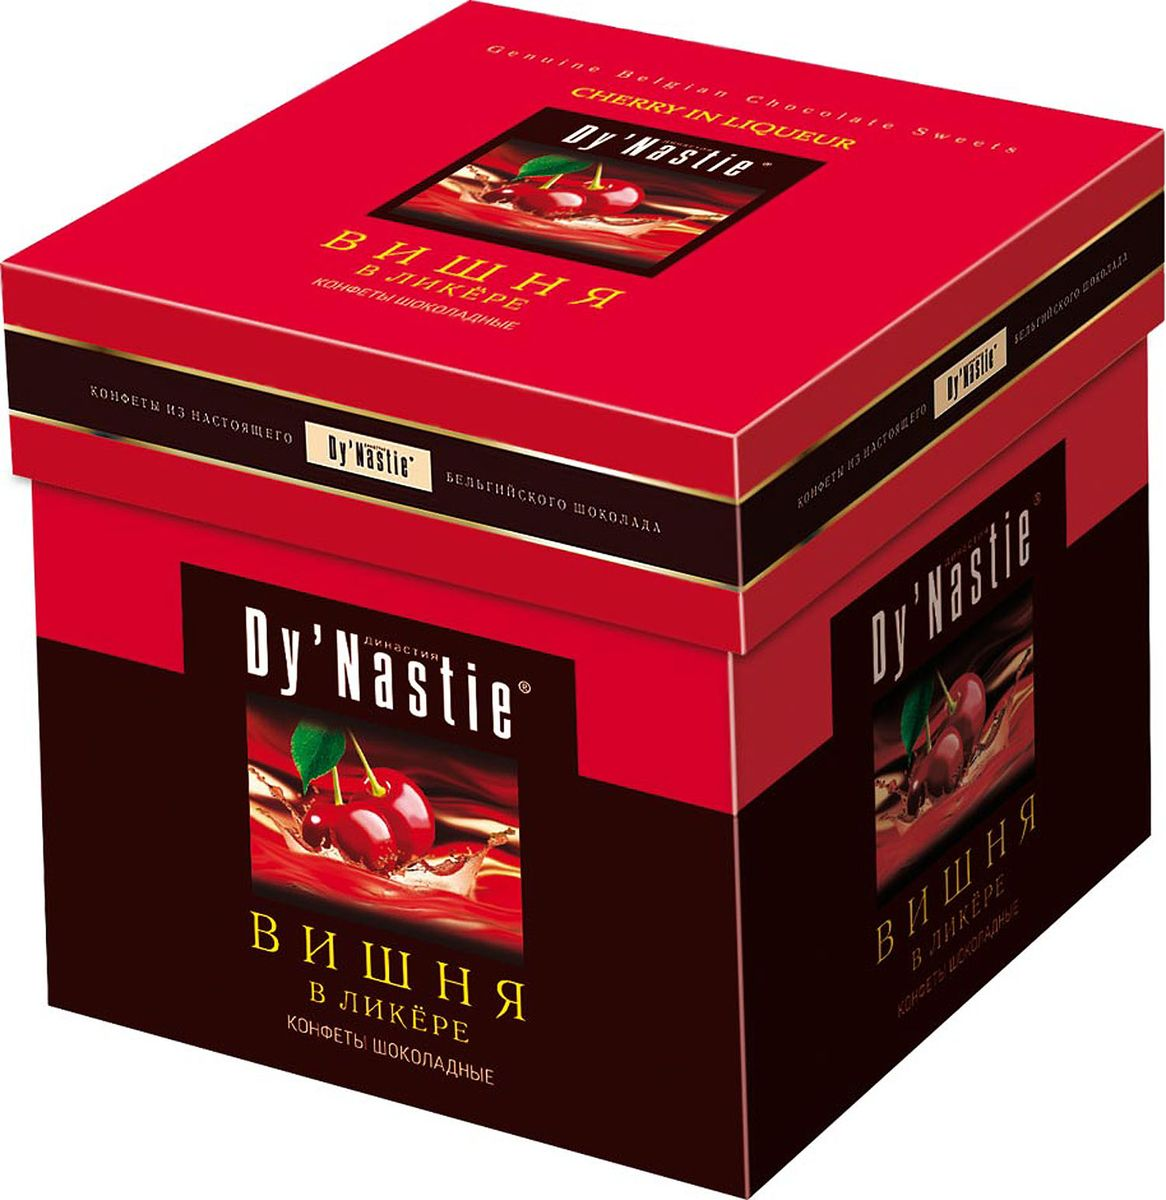 Династия Вишня в ликере шоколадные конфеты, 105 г merci crocant конфеты 125 г